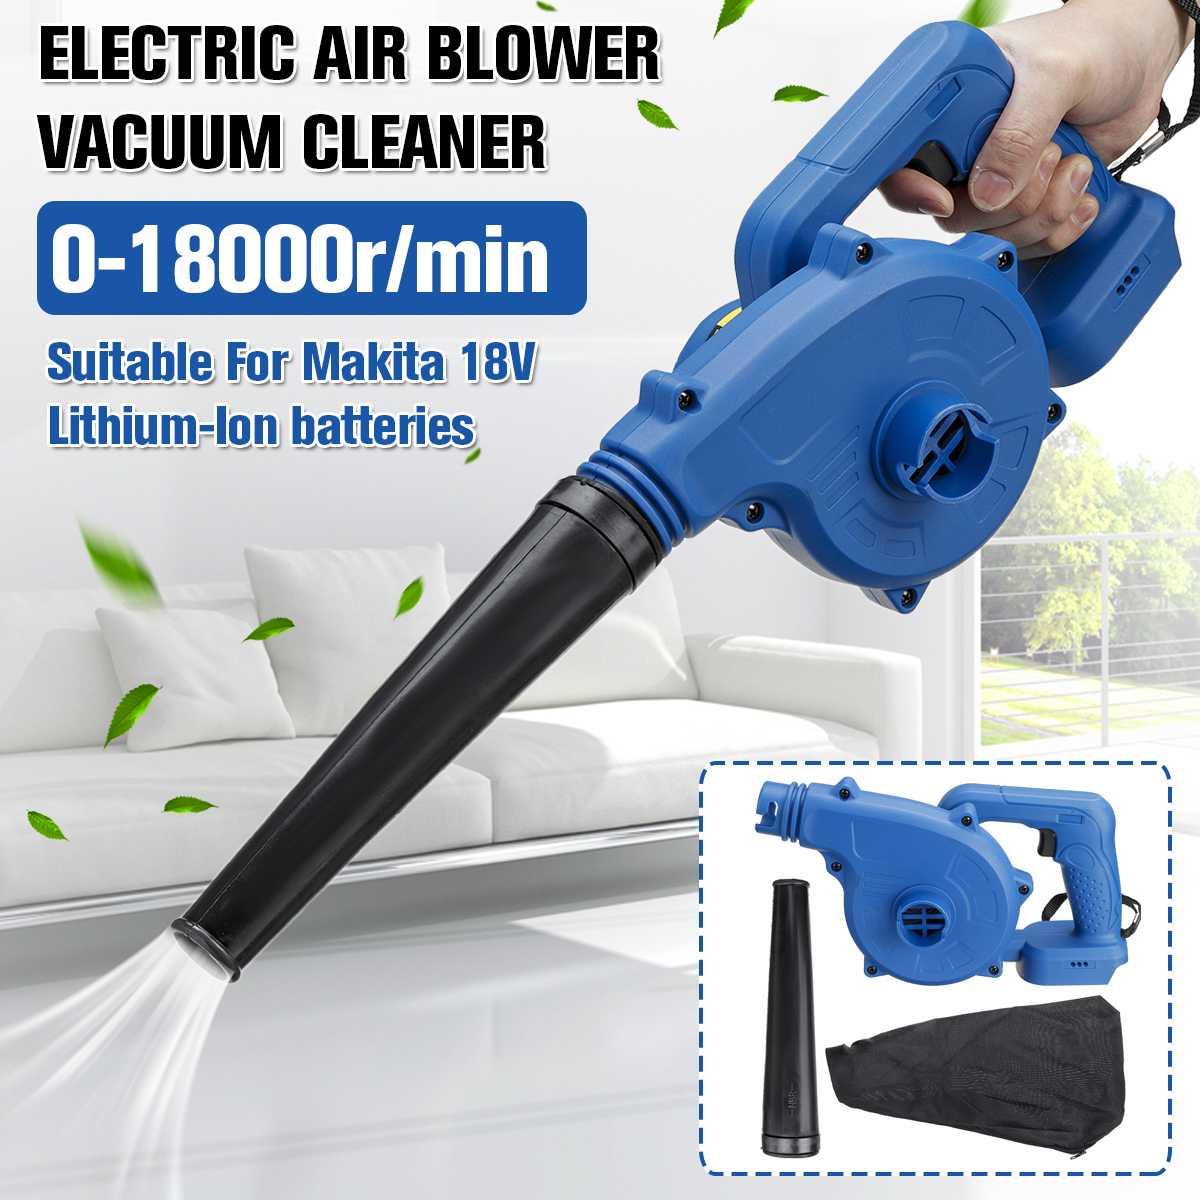 Электрический Пылесос аккумуляторный воздуходувка бытовой беспроводной пылесос инструмент для Makita 18 В литий-ионный аккумулятор для дома и...